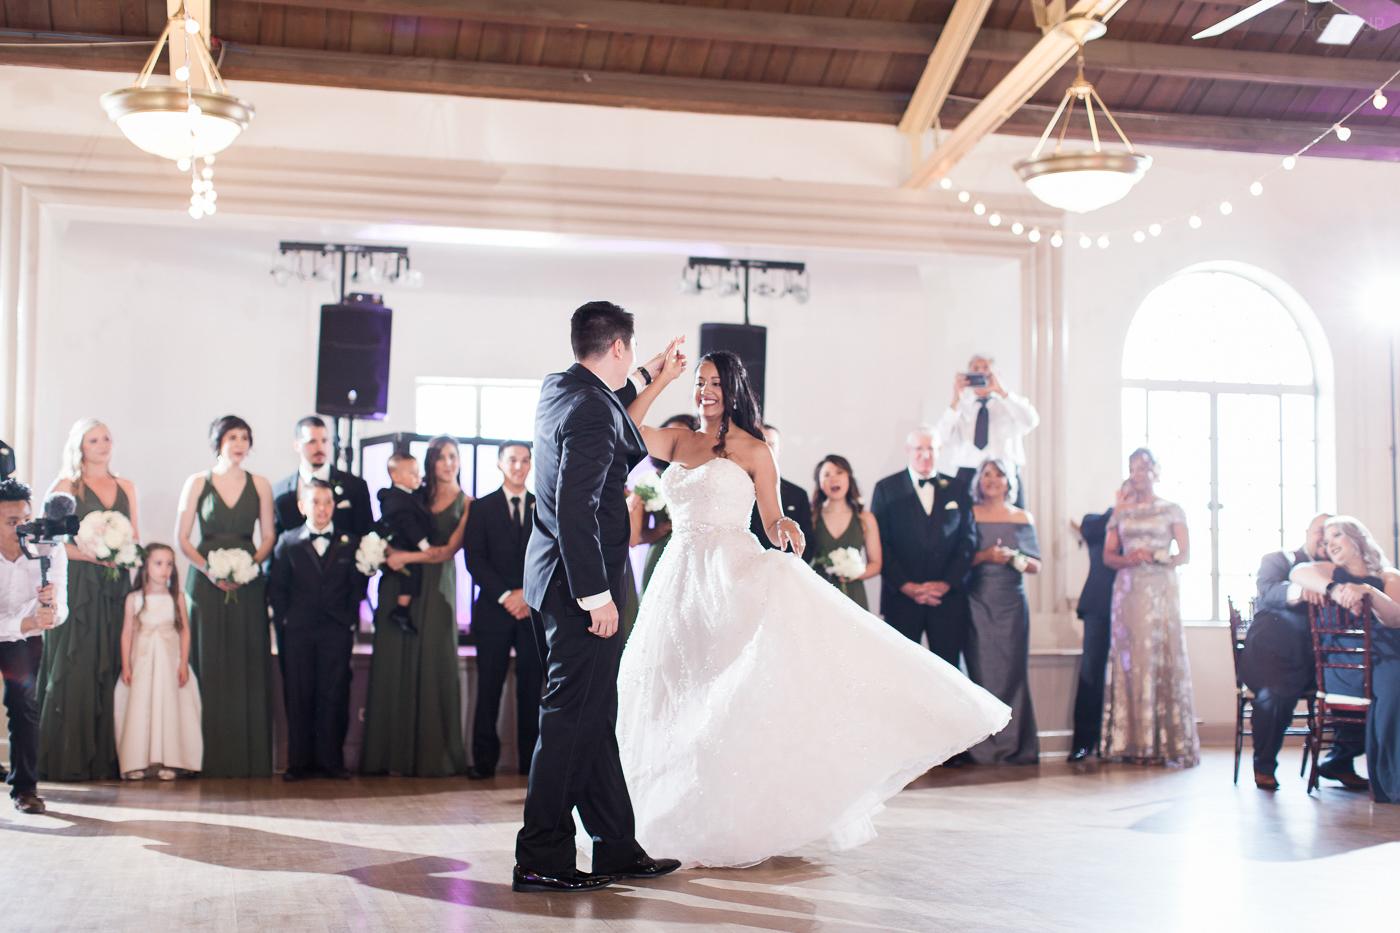 magnolia building wedding in lakeland-13.jpg